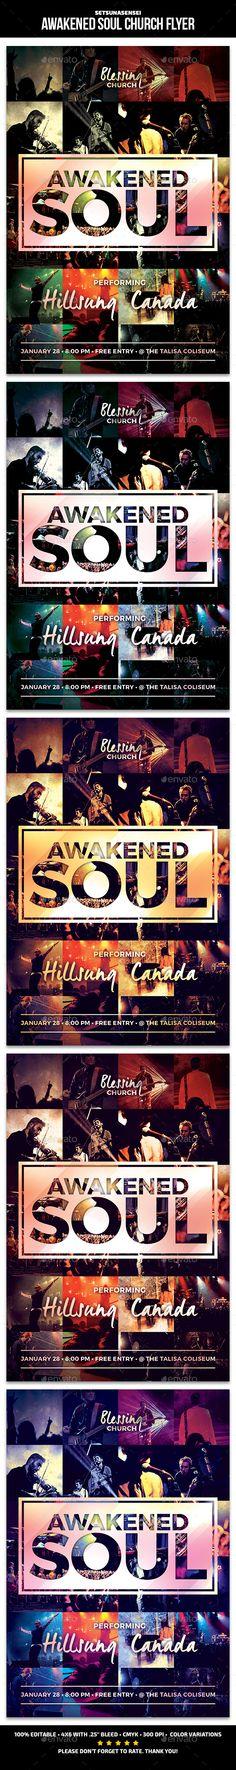 Awakened Soul Church Flyer Template PSD #design Download: http://graphicriver.net/item/awakened-soul-church-flyer/14461634?ref=ksioks